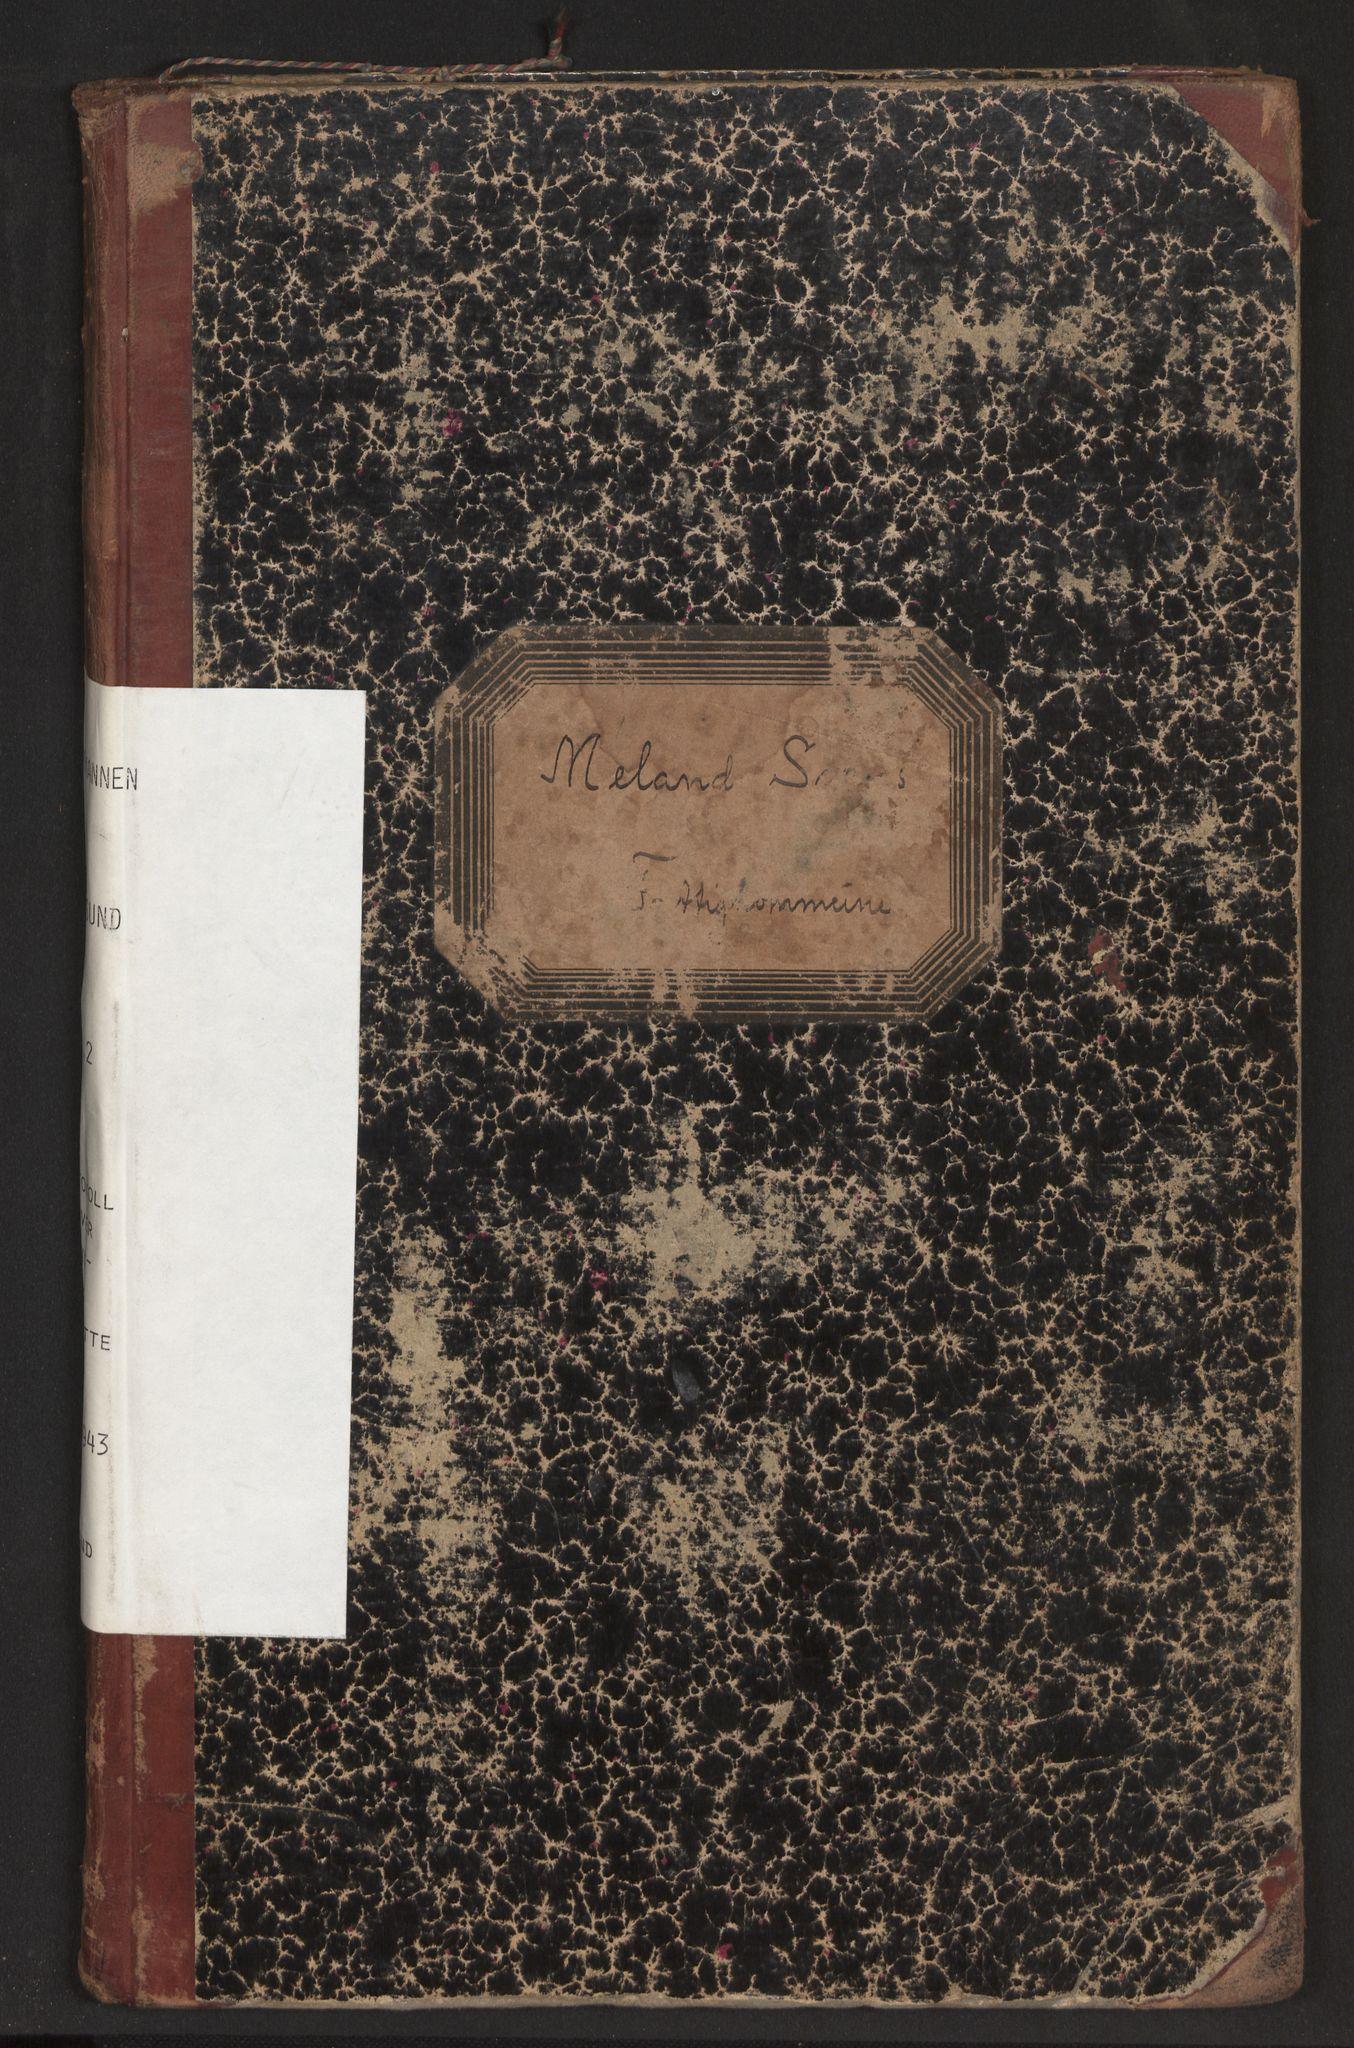 SAB, Lensmannen i Alversund, 0020/L0002: Protokoll over inn- og utflytte, Meland, 1923-1943